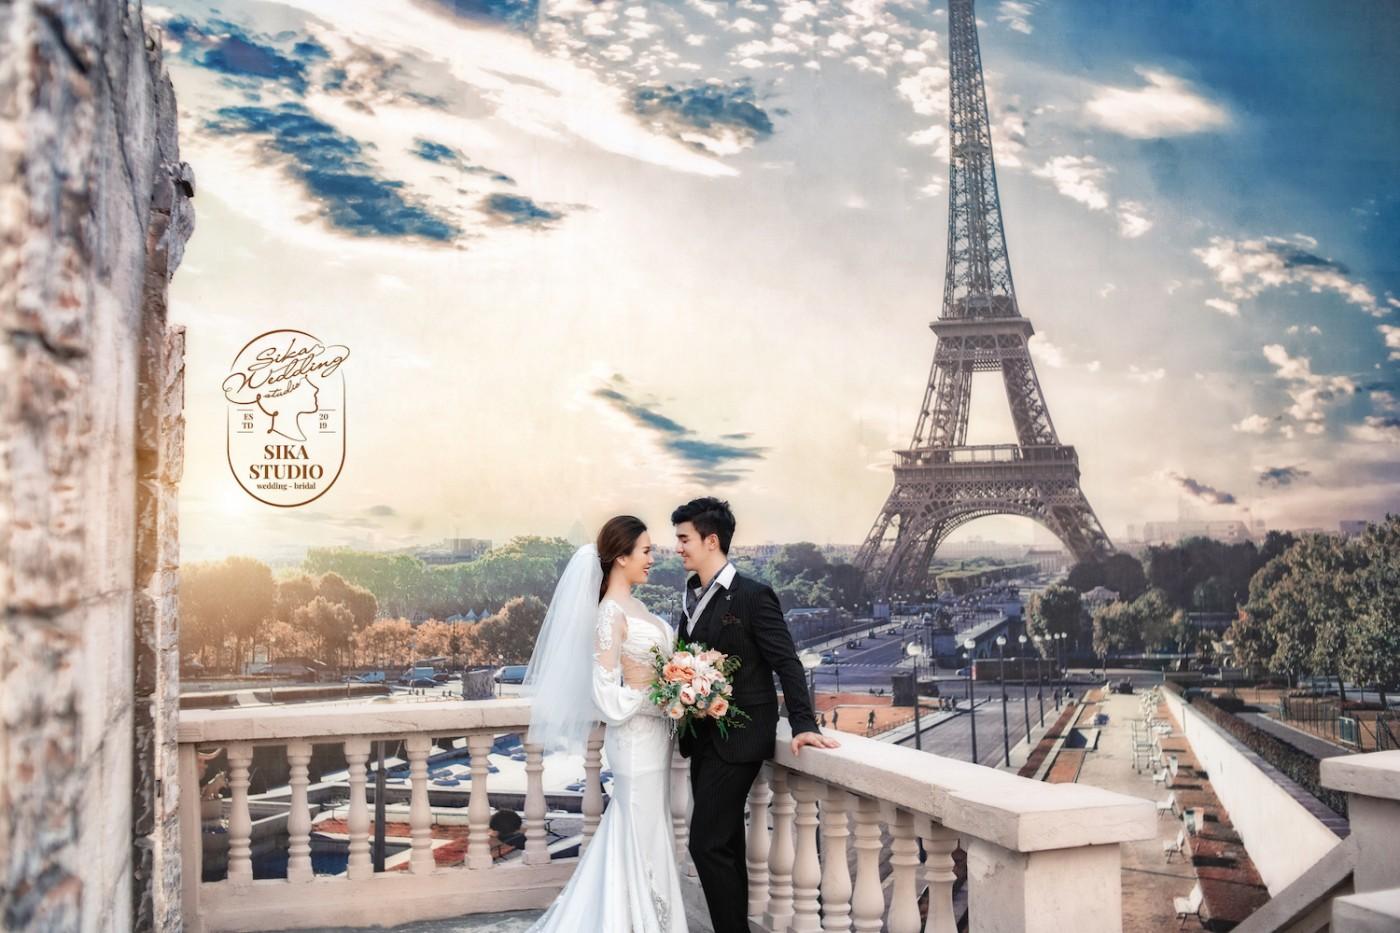 Paris Garden - Phim Trường Châu Âu tại Sài Gòn